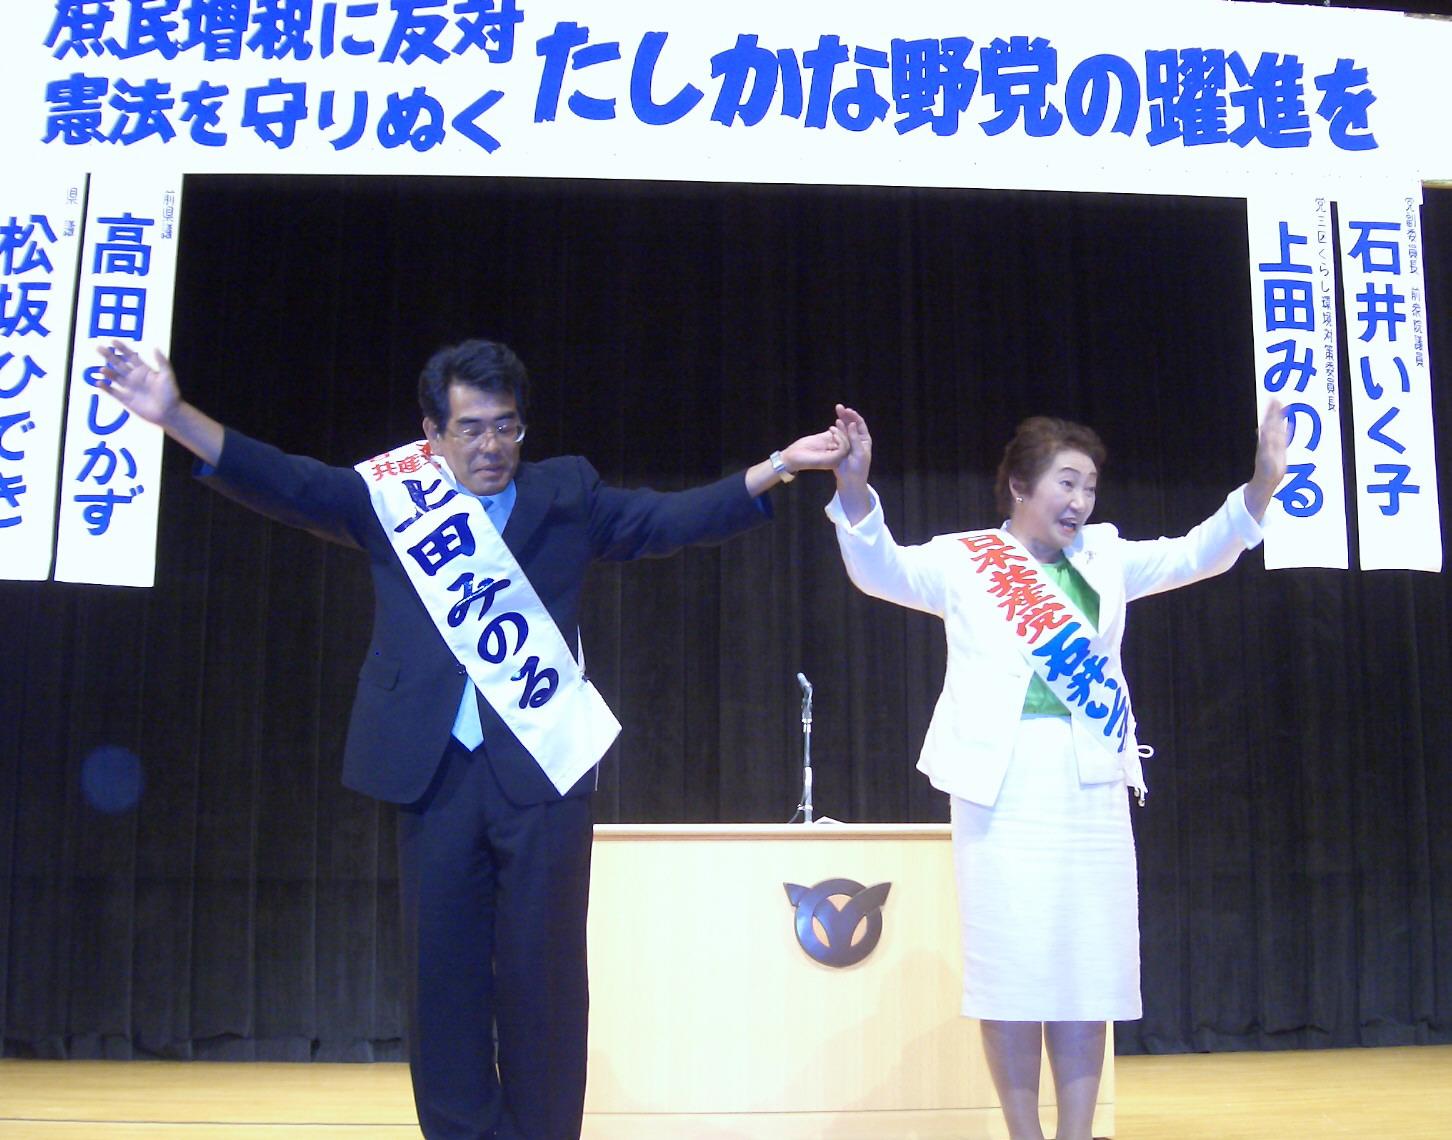 日本共産党演説会_a0015353_2254411.jpg